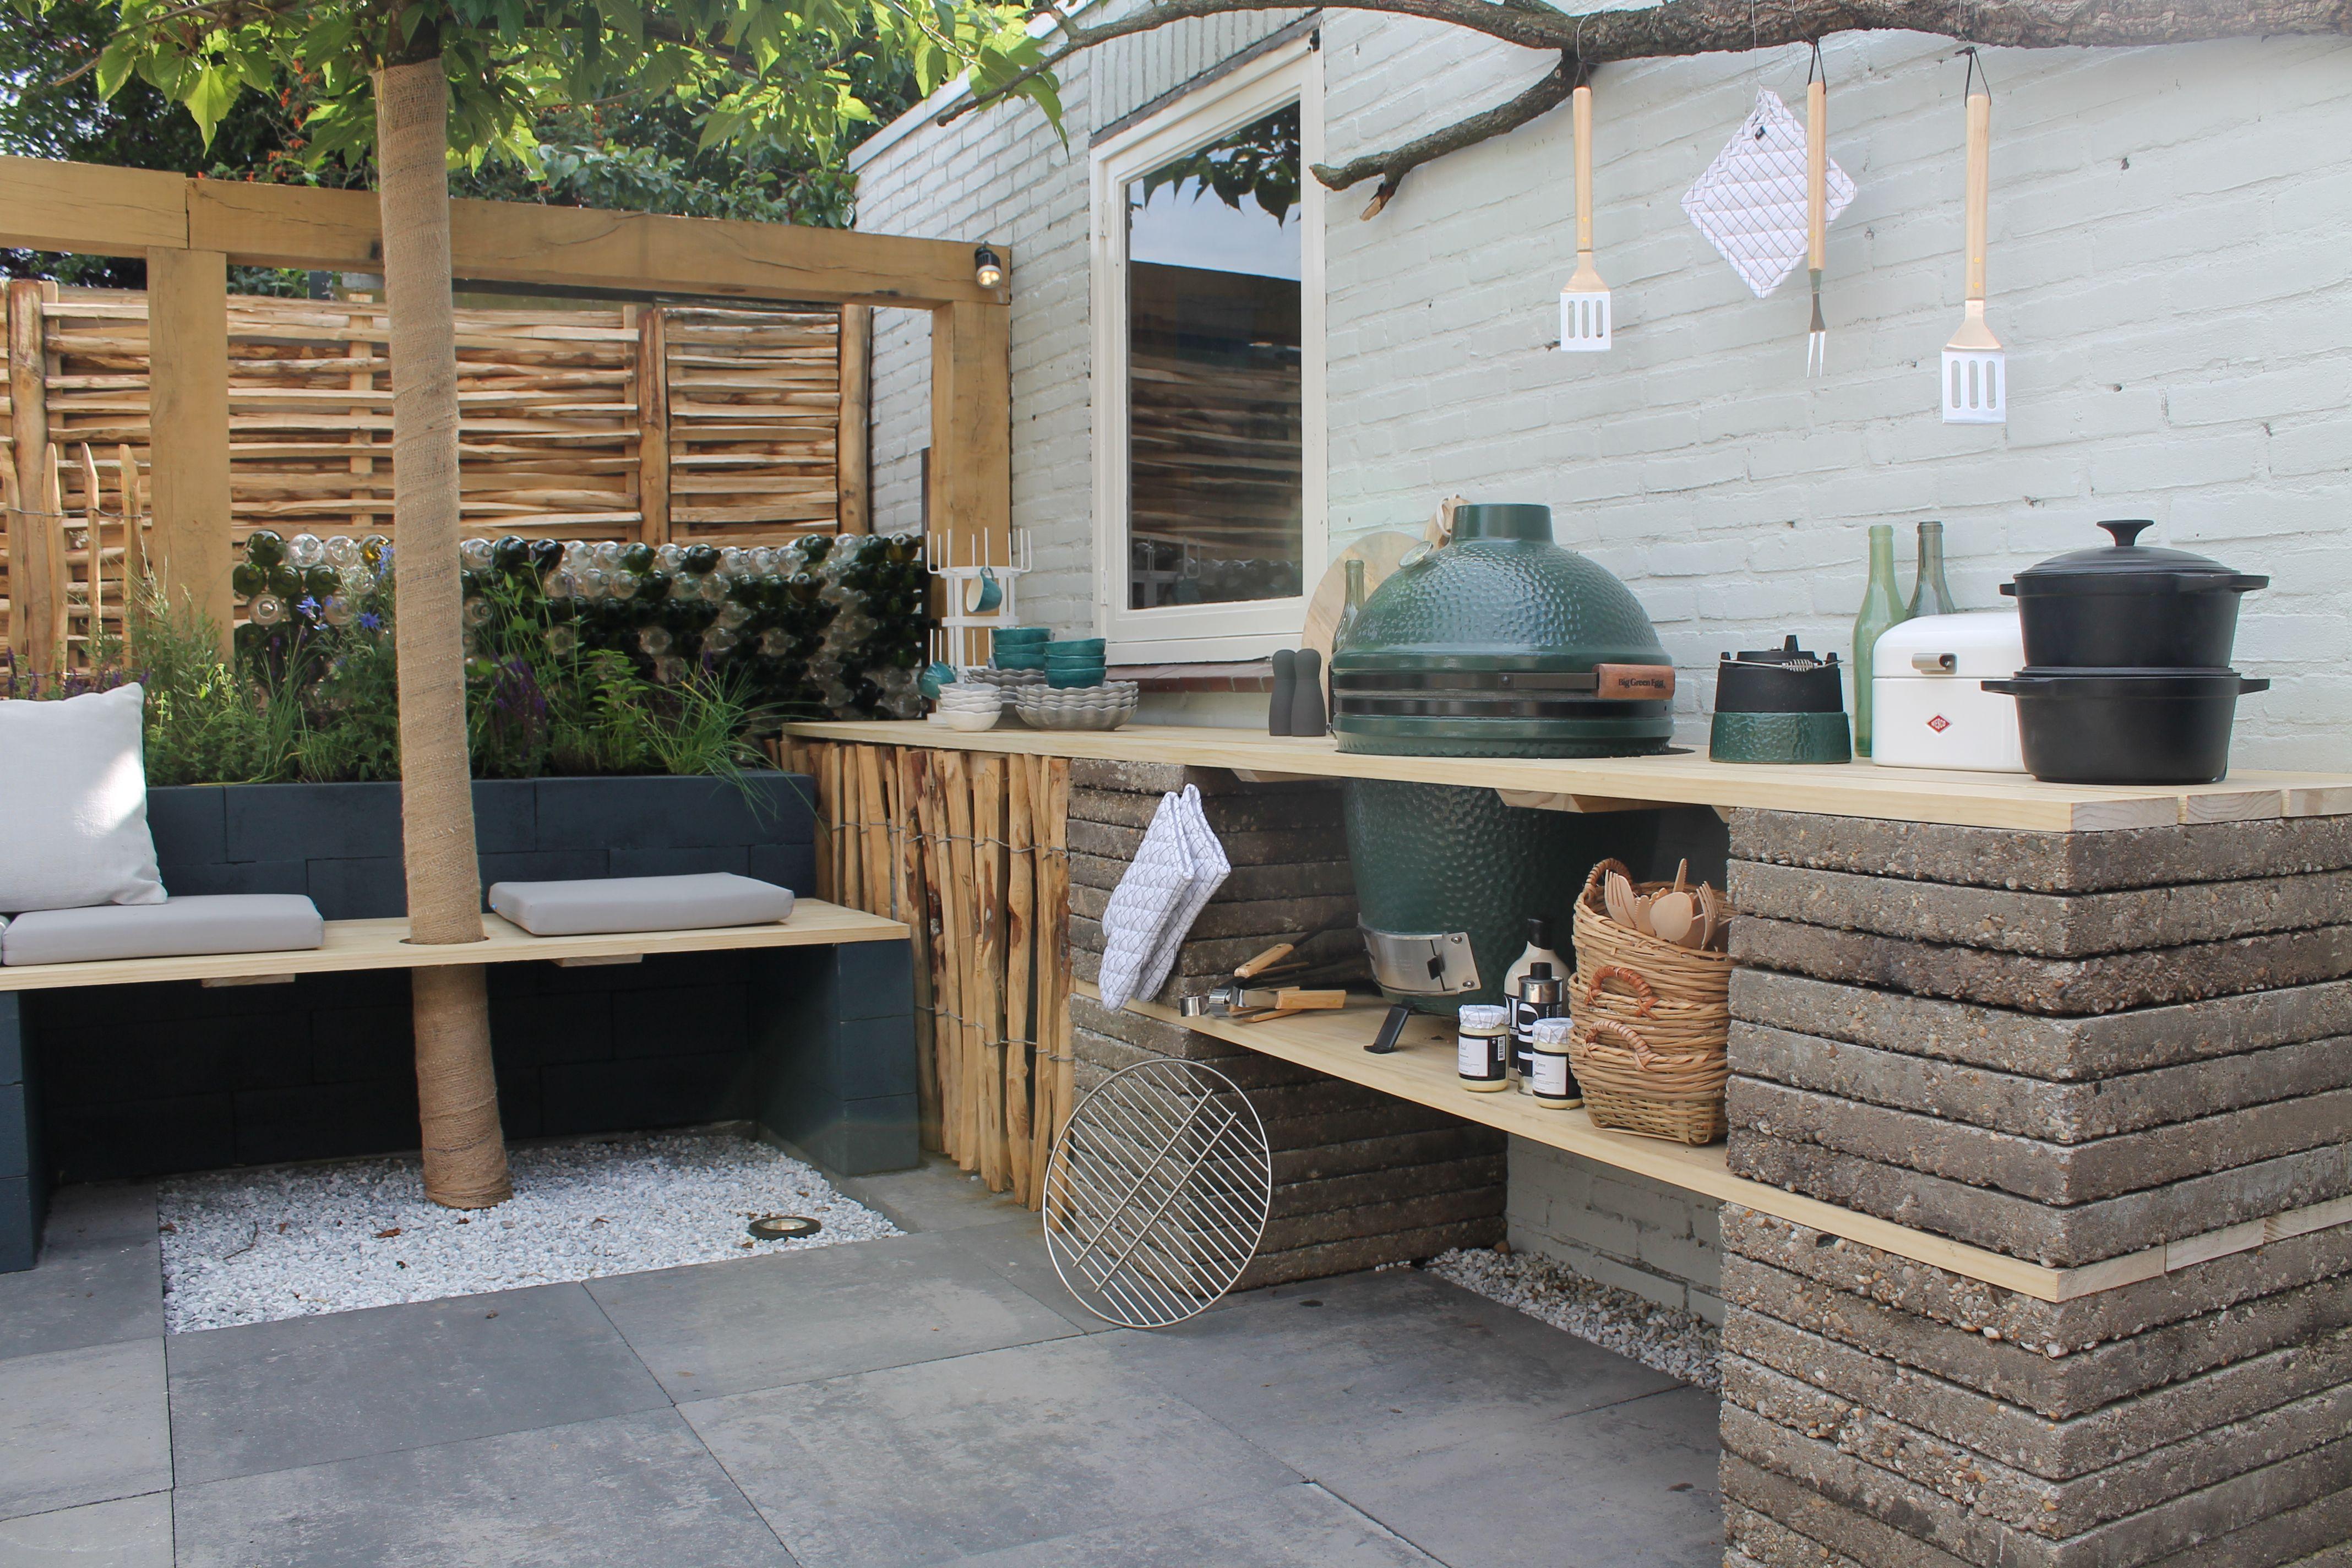 Buitenkeukens het campeergevoel in eigen tuin cakeje van eigen deeg - Moderne keuken in het oude huis ...